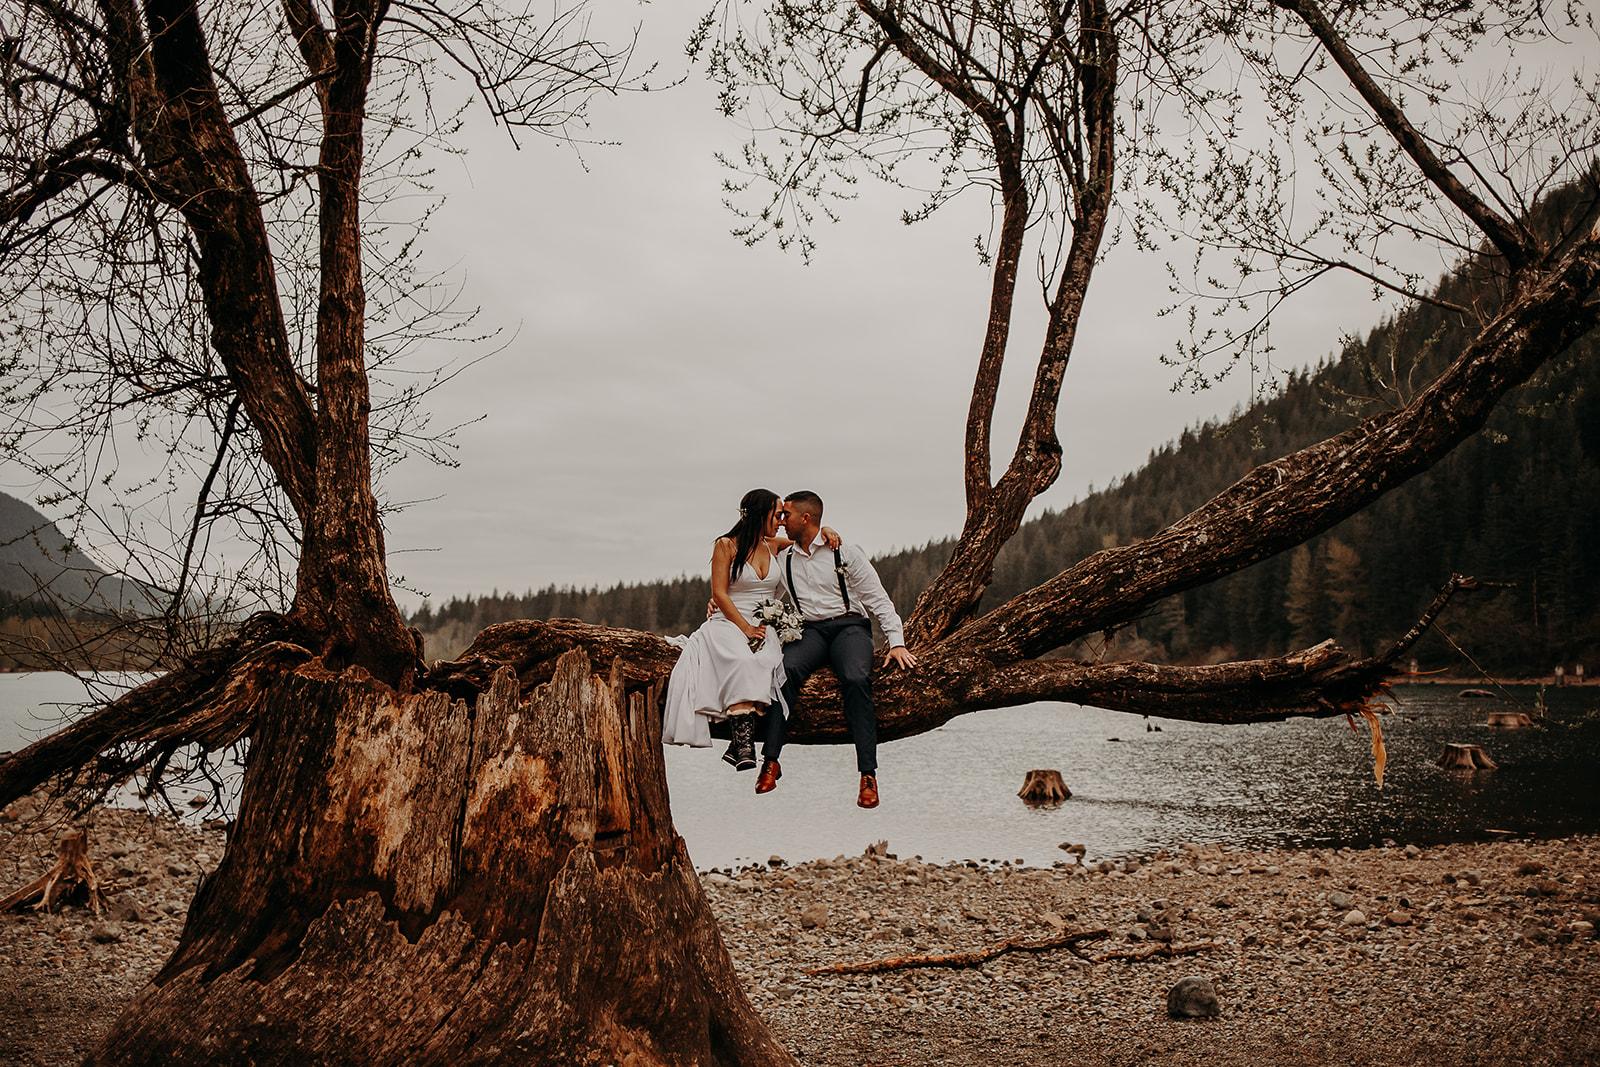 winter-mountain-elopement-asheville-wedding-photographer-megan-gallagher-photographer (75).jpg